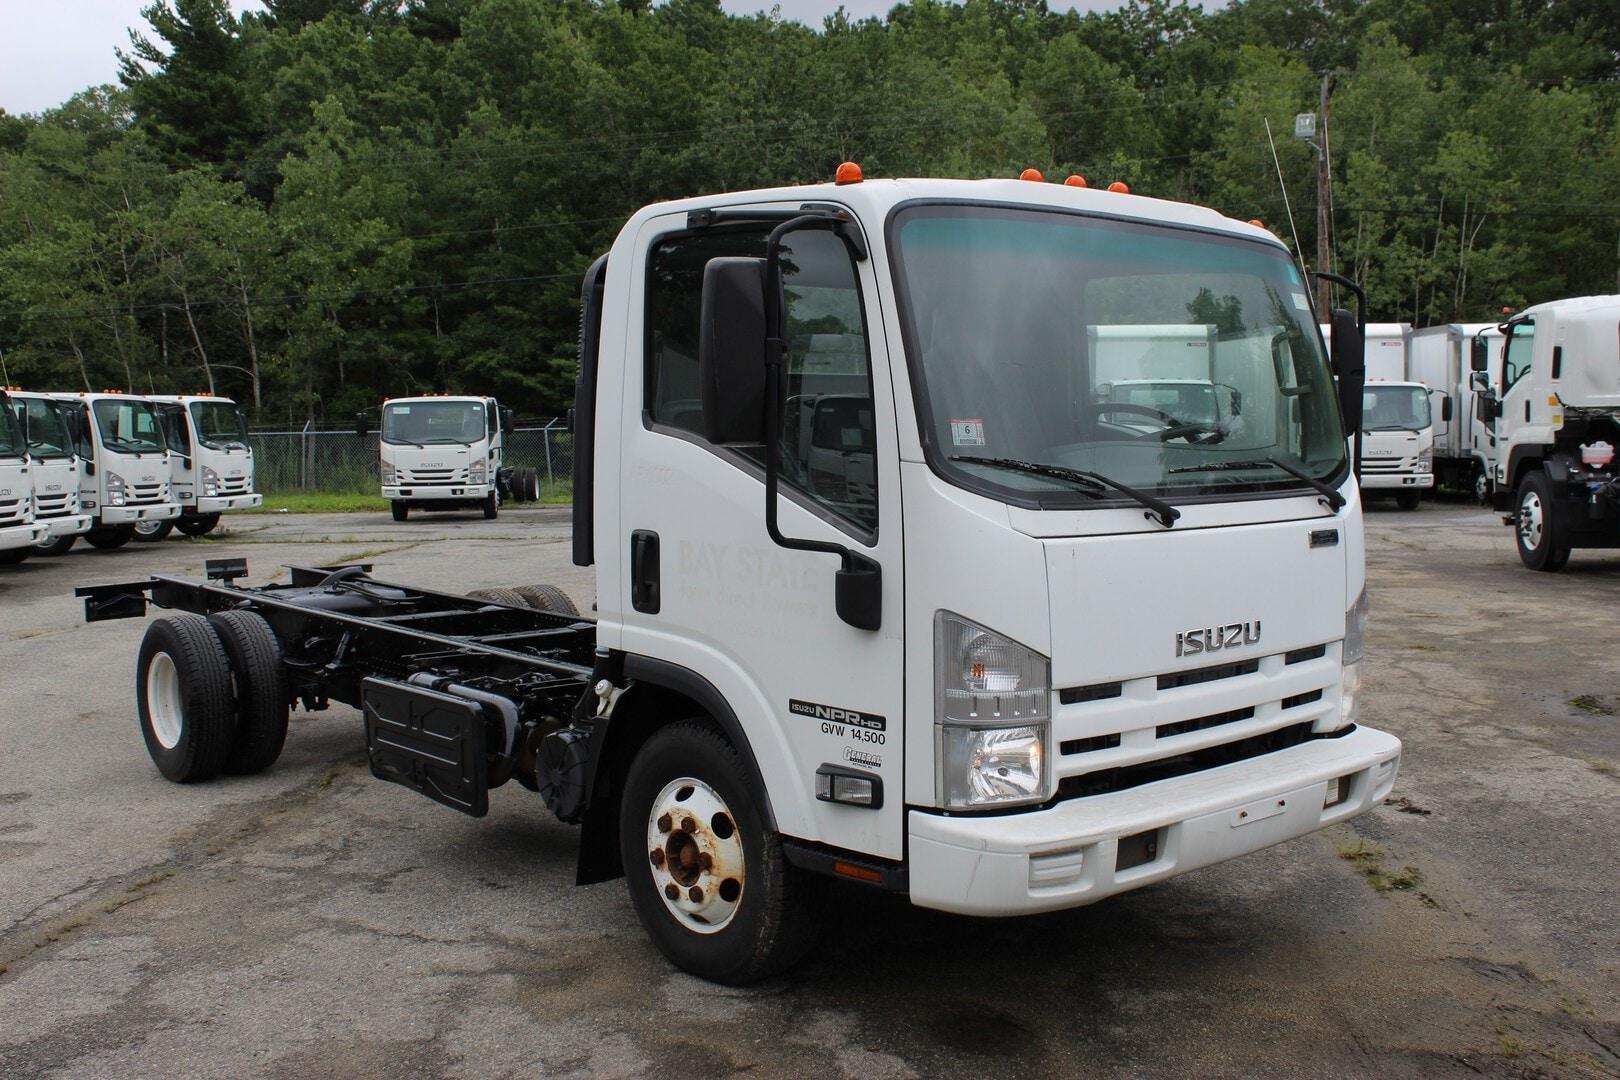 Used, 2014, Isuzu, NPR-HD Diesel, Cab / Chassis Trucks